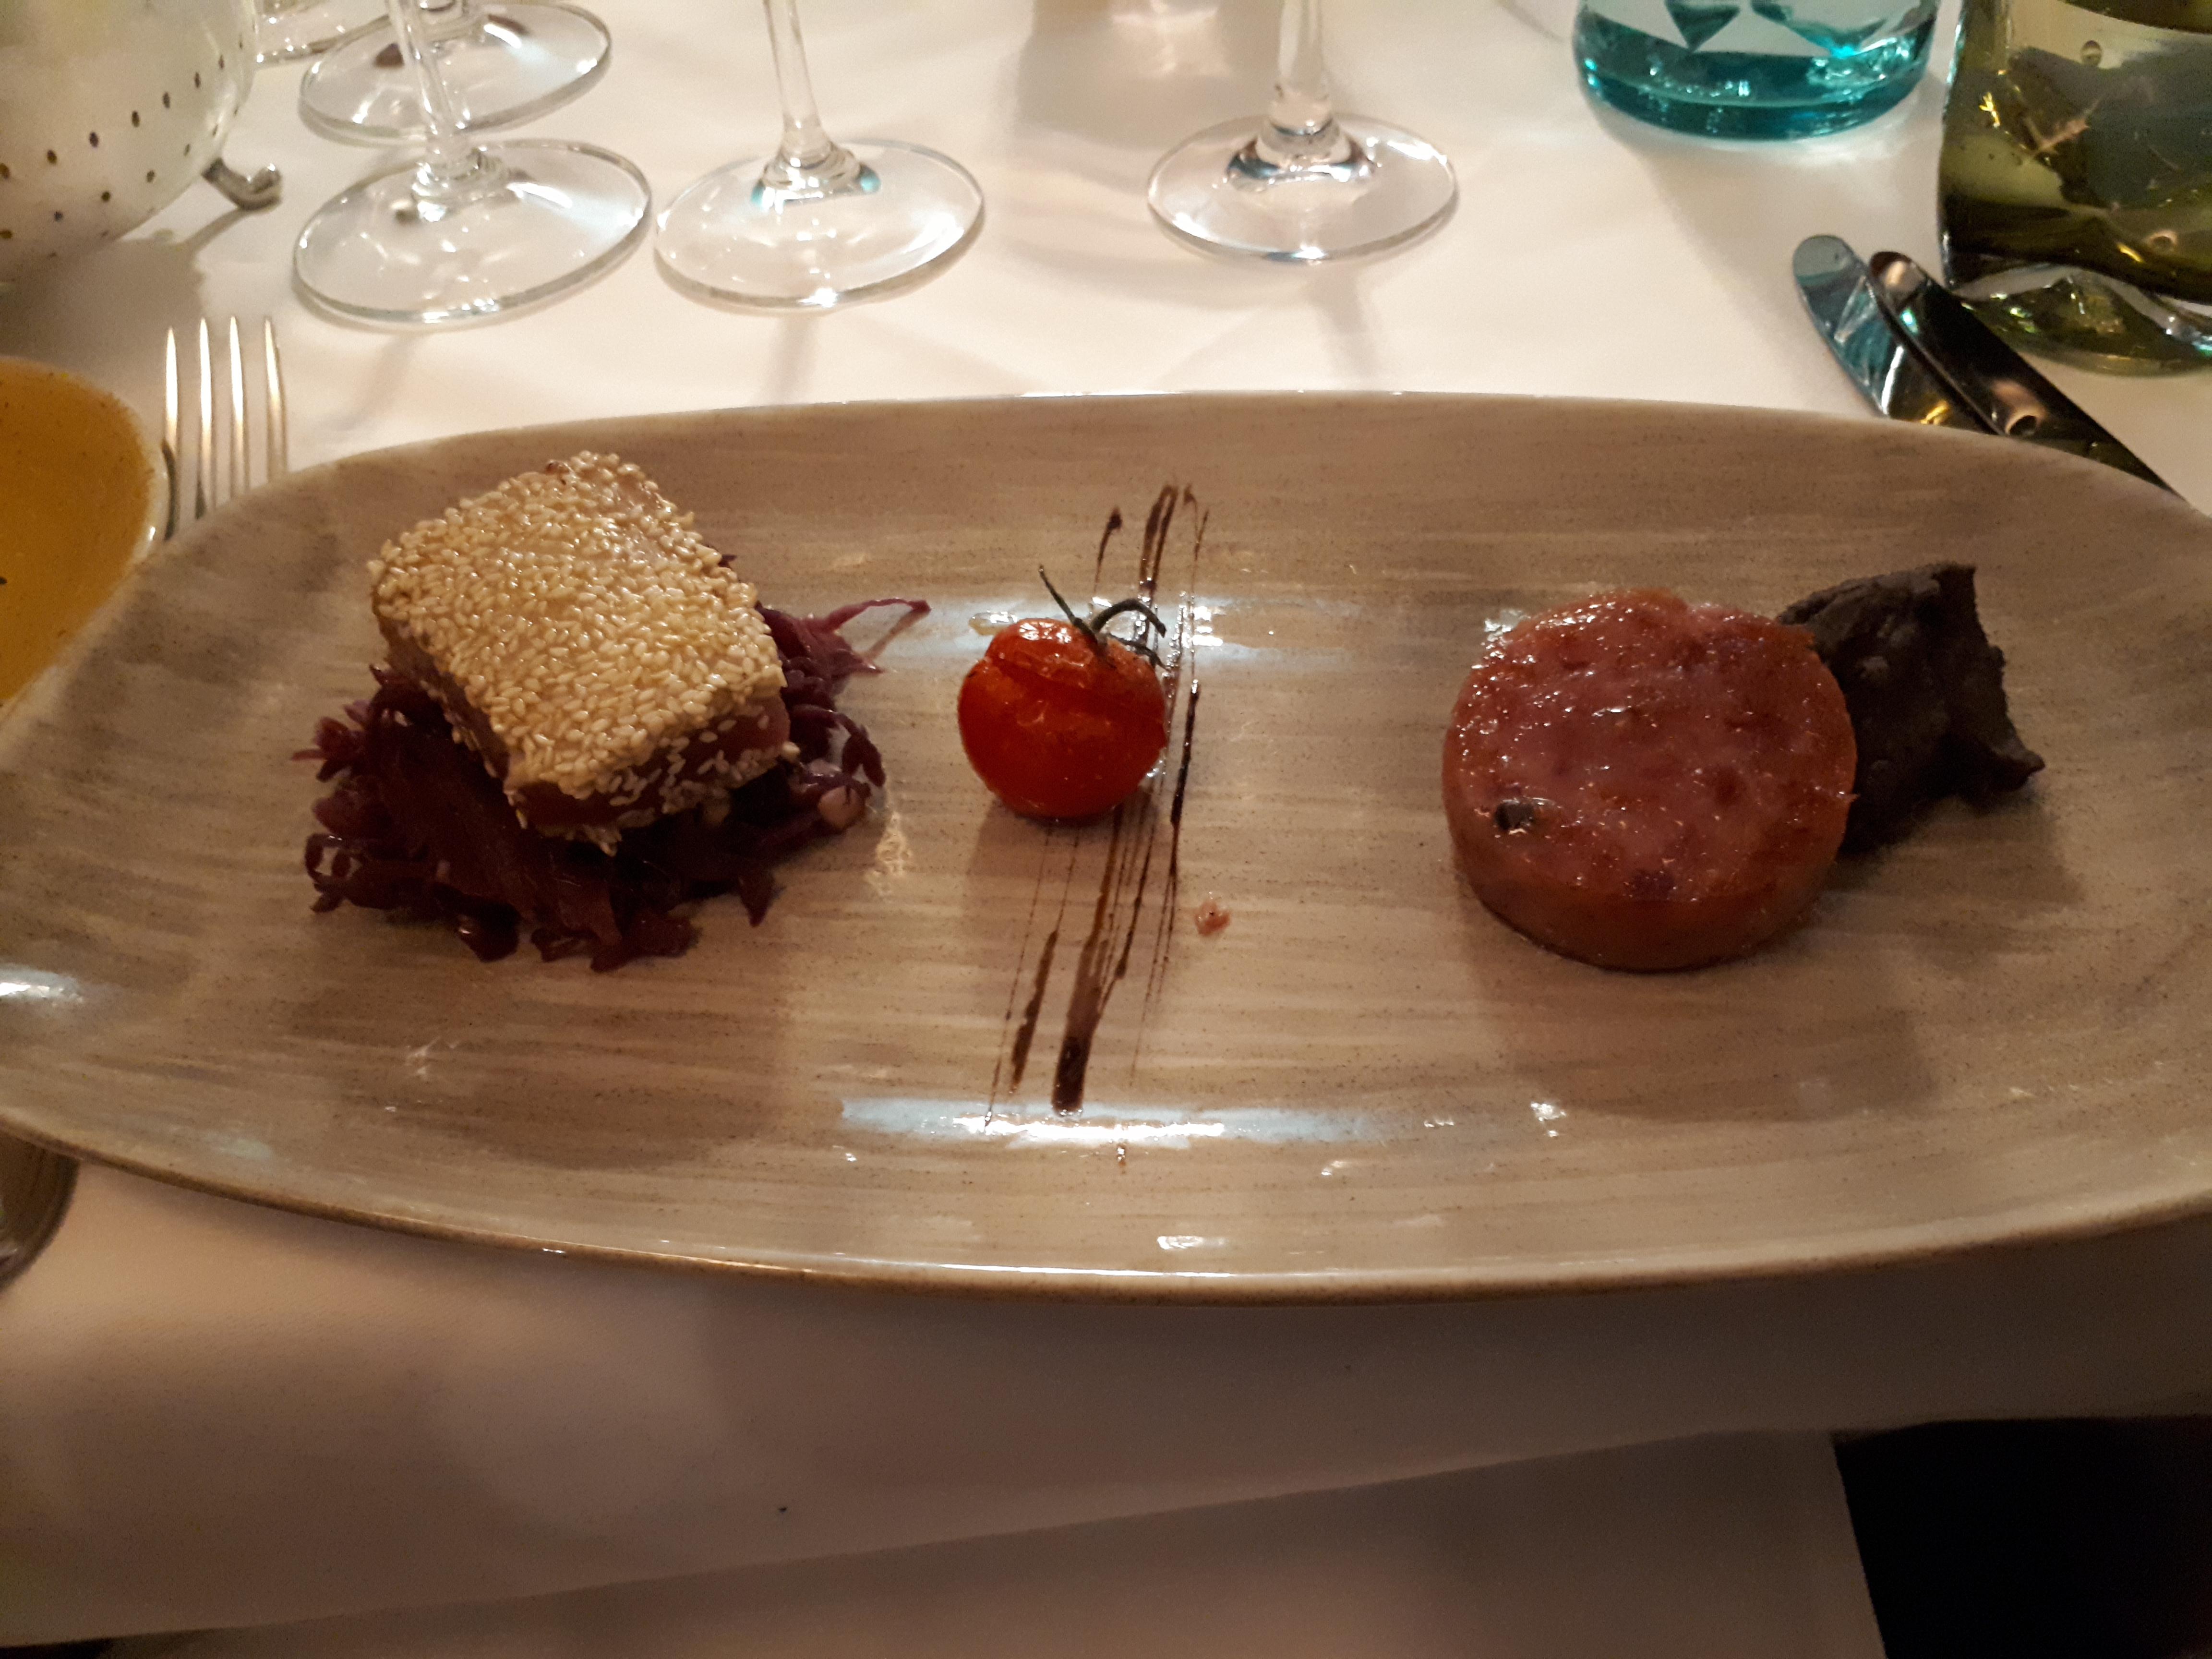 Teller, Stück Thunfisch Mit Sesamkruste, Deko, Runde Scheibe Wurst,  Schwarze Bohnen